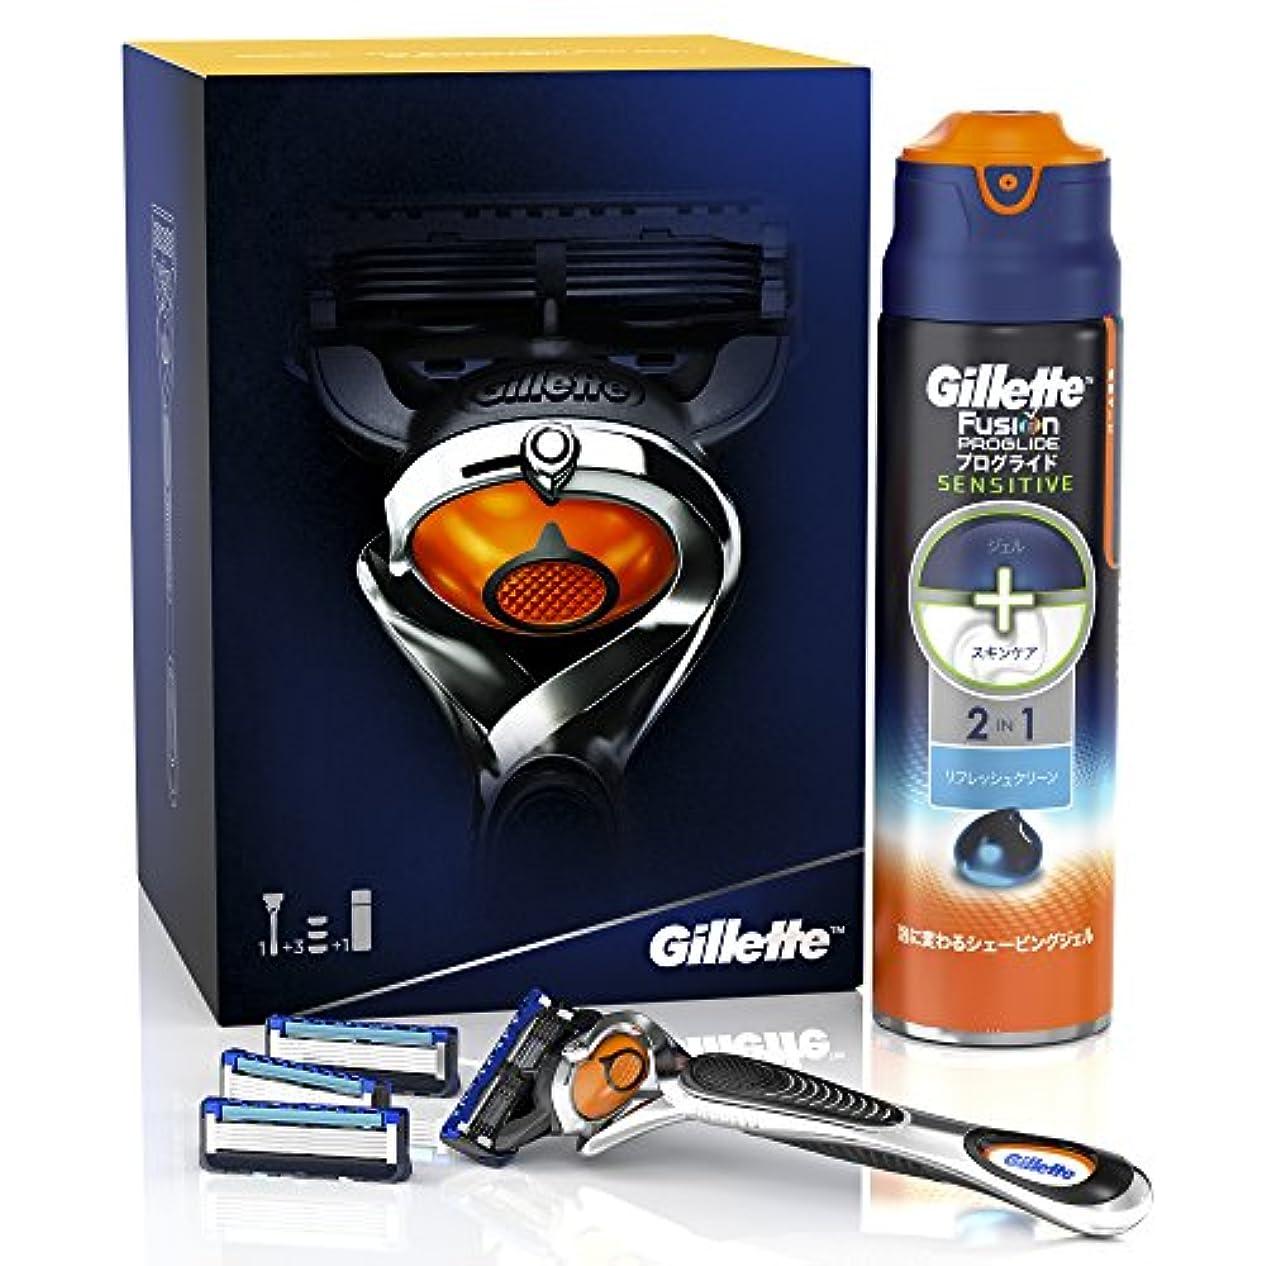 解き明かすノイズ仕立て屋ジレット 髭剃りプログライドギフトセット (マニュアルホルダー+ 替刃3個 + ジェルフォーム リフレッシュクリーン 168g)